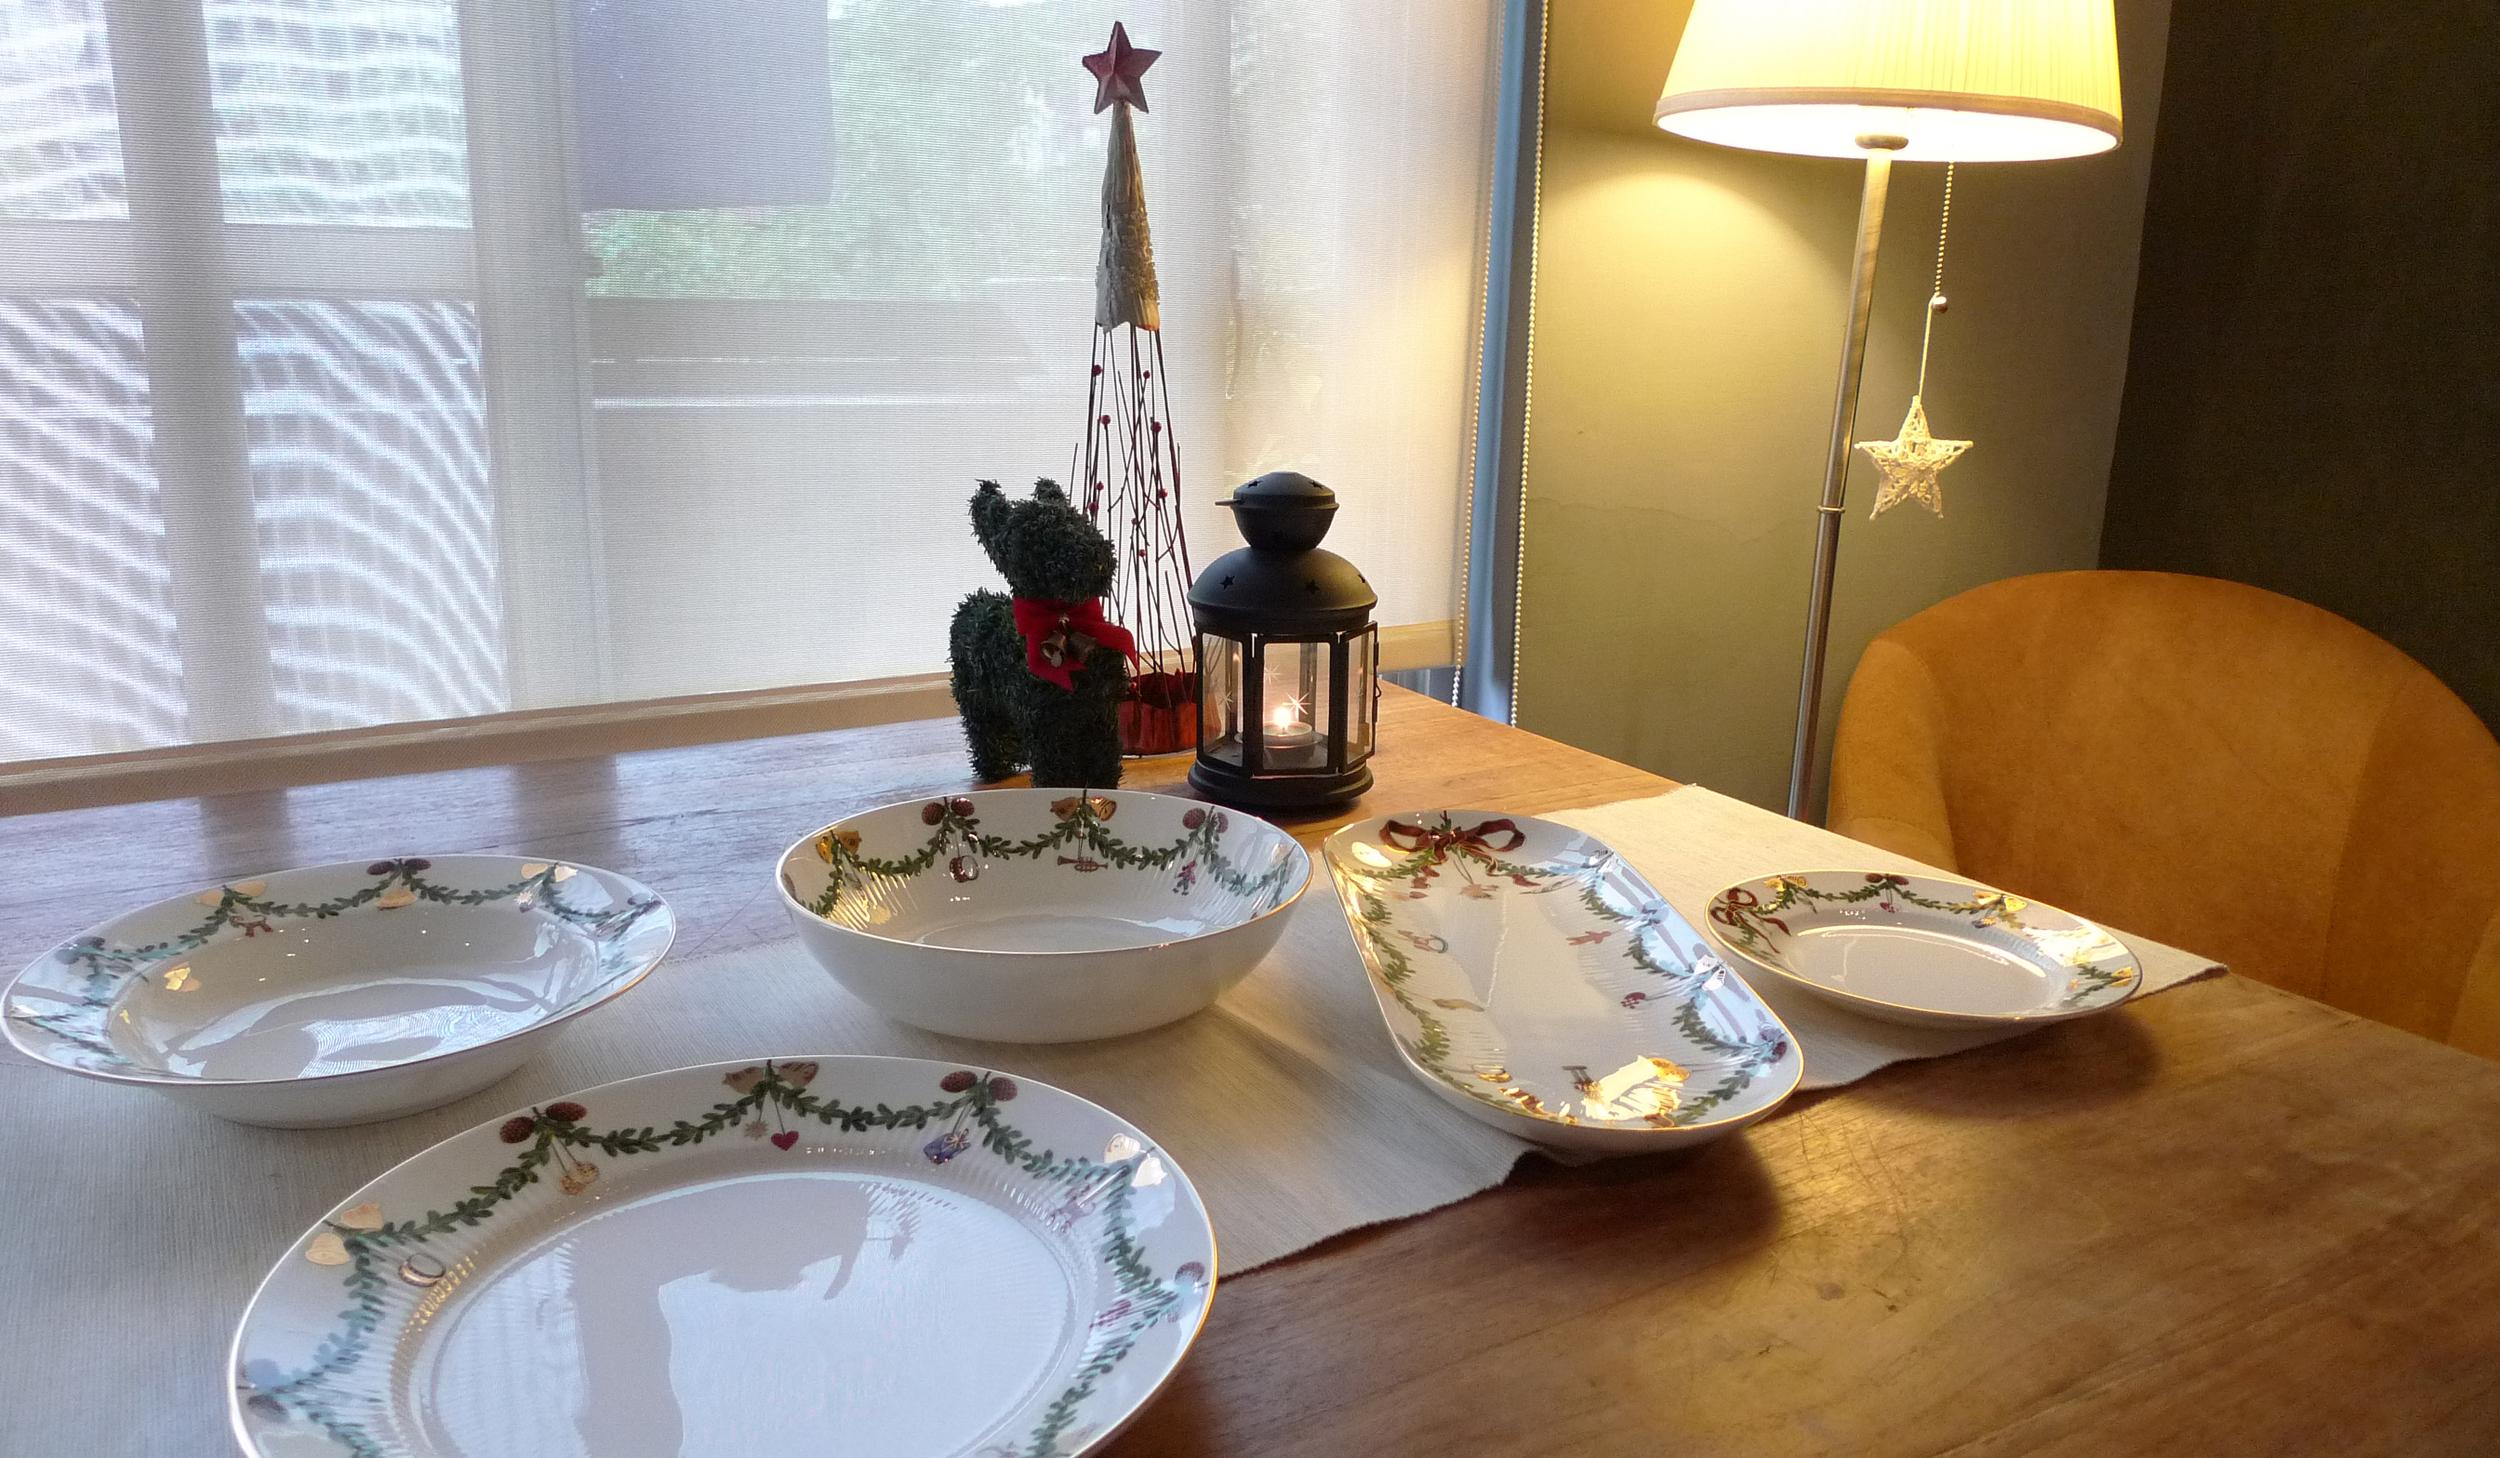 為了讓今晚更有聖誕佳節的氣氛,我們還特別選用哥本哈根聖誕餐瓷。